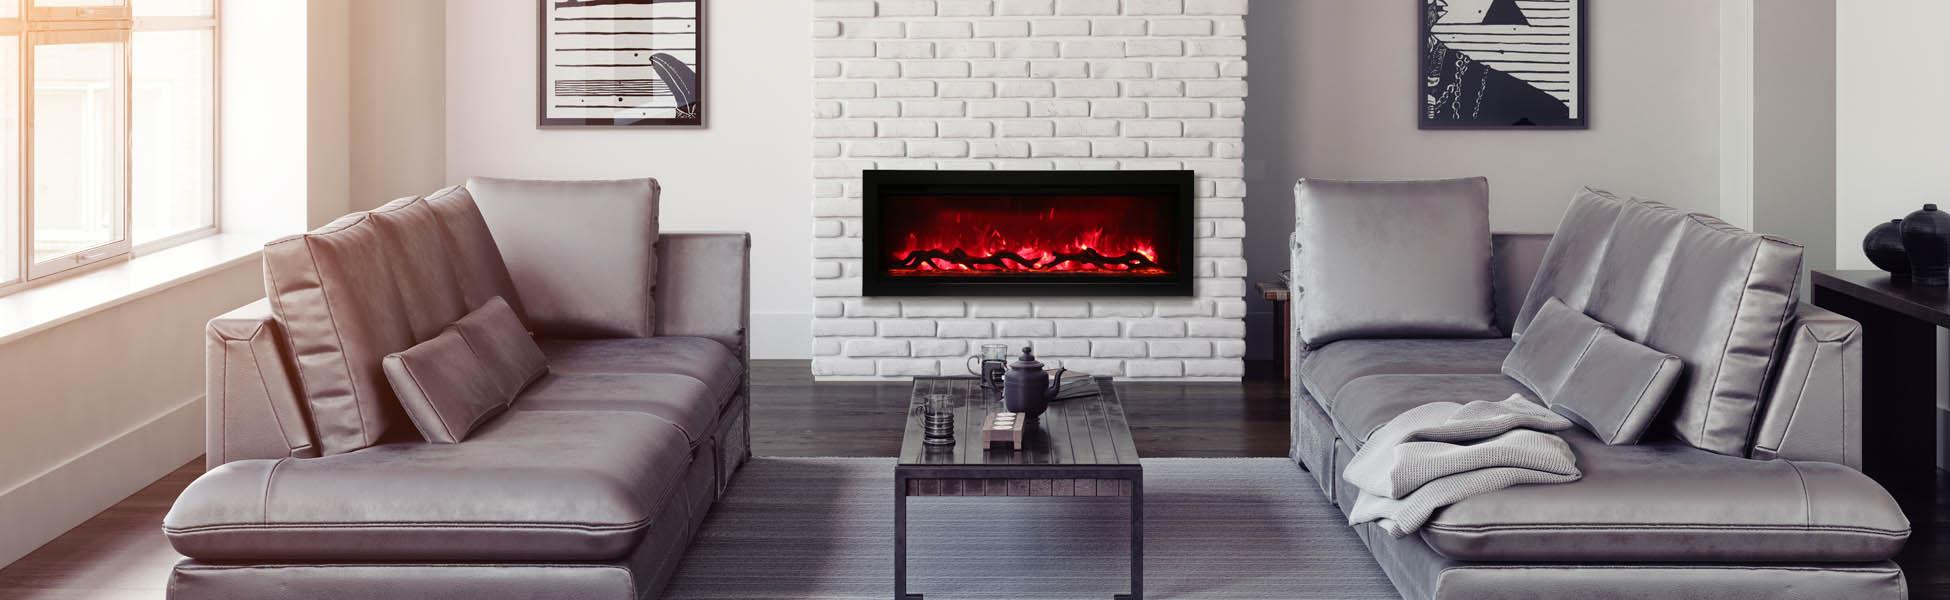 SYM-42 Electric Fireplace